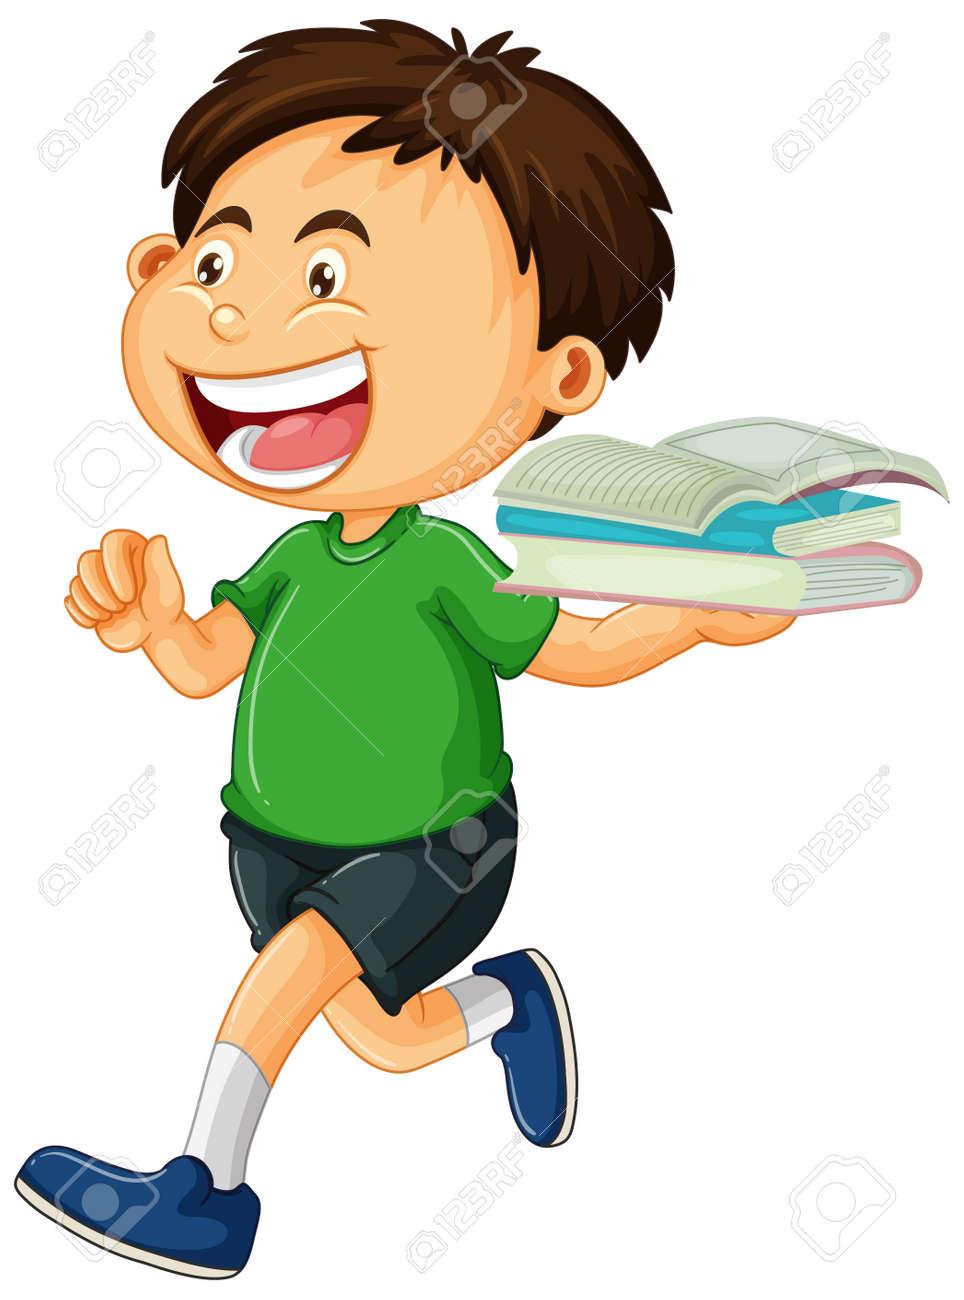 Happy boy holding books isolated illustration - 159381401